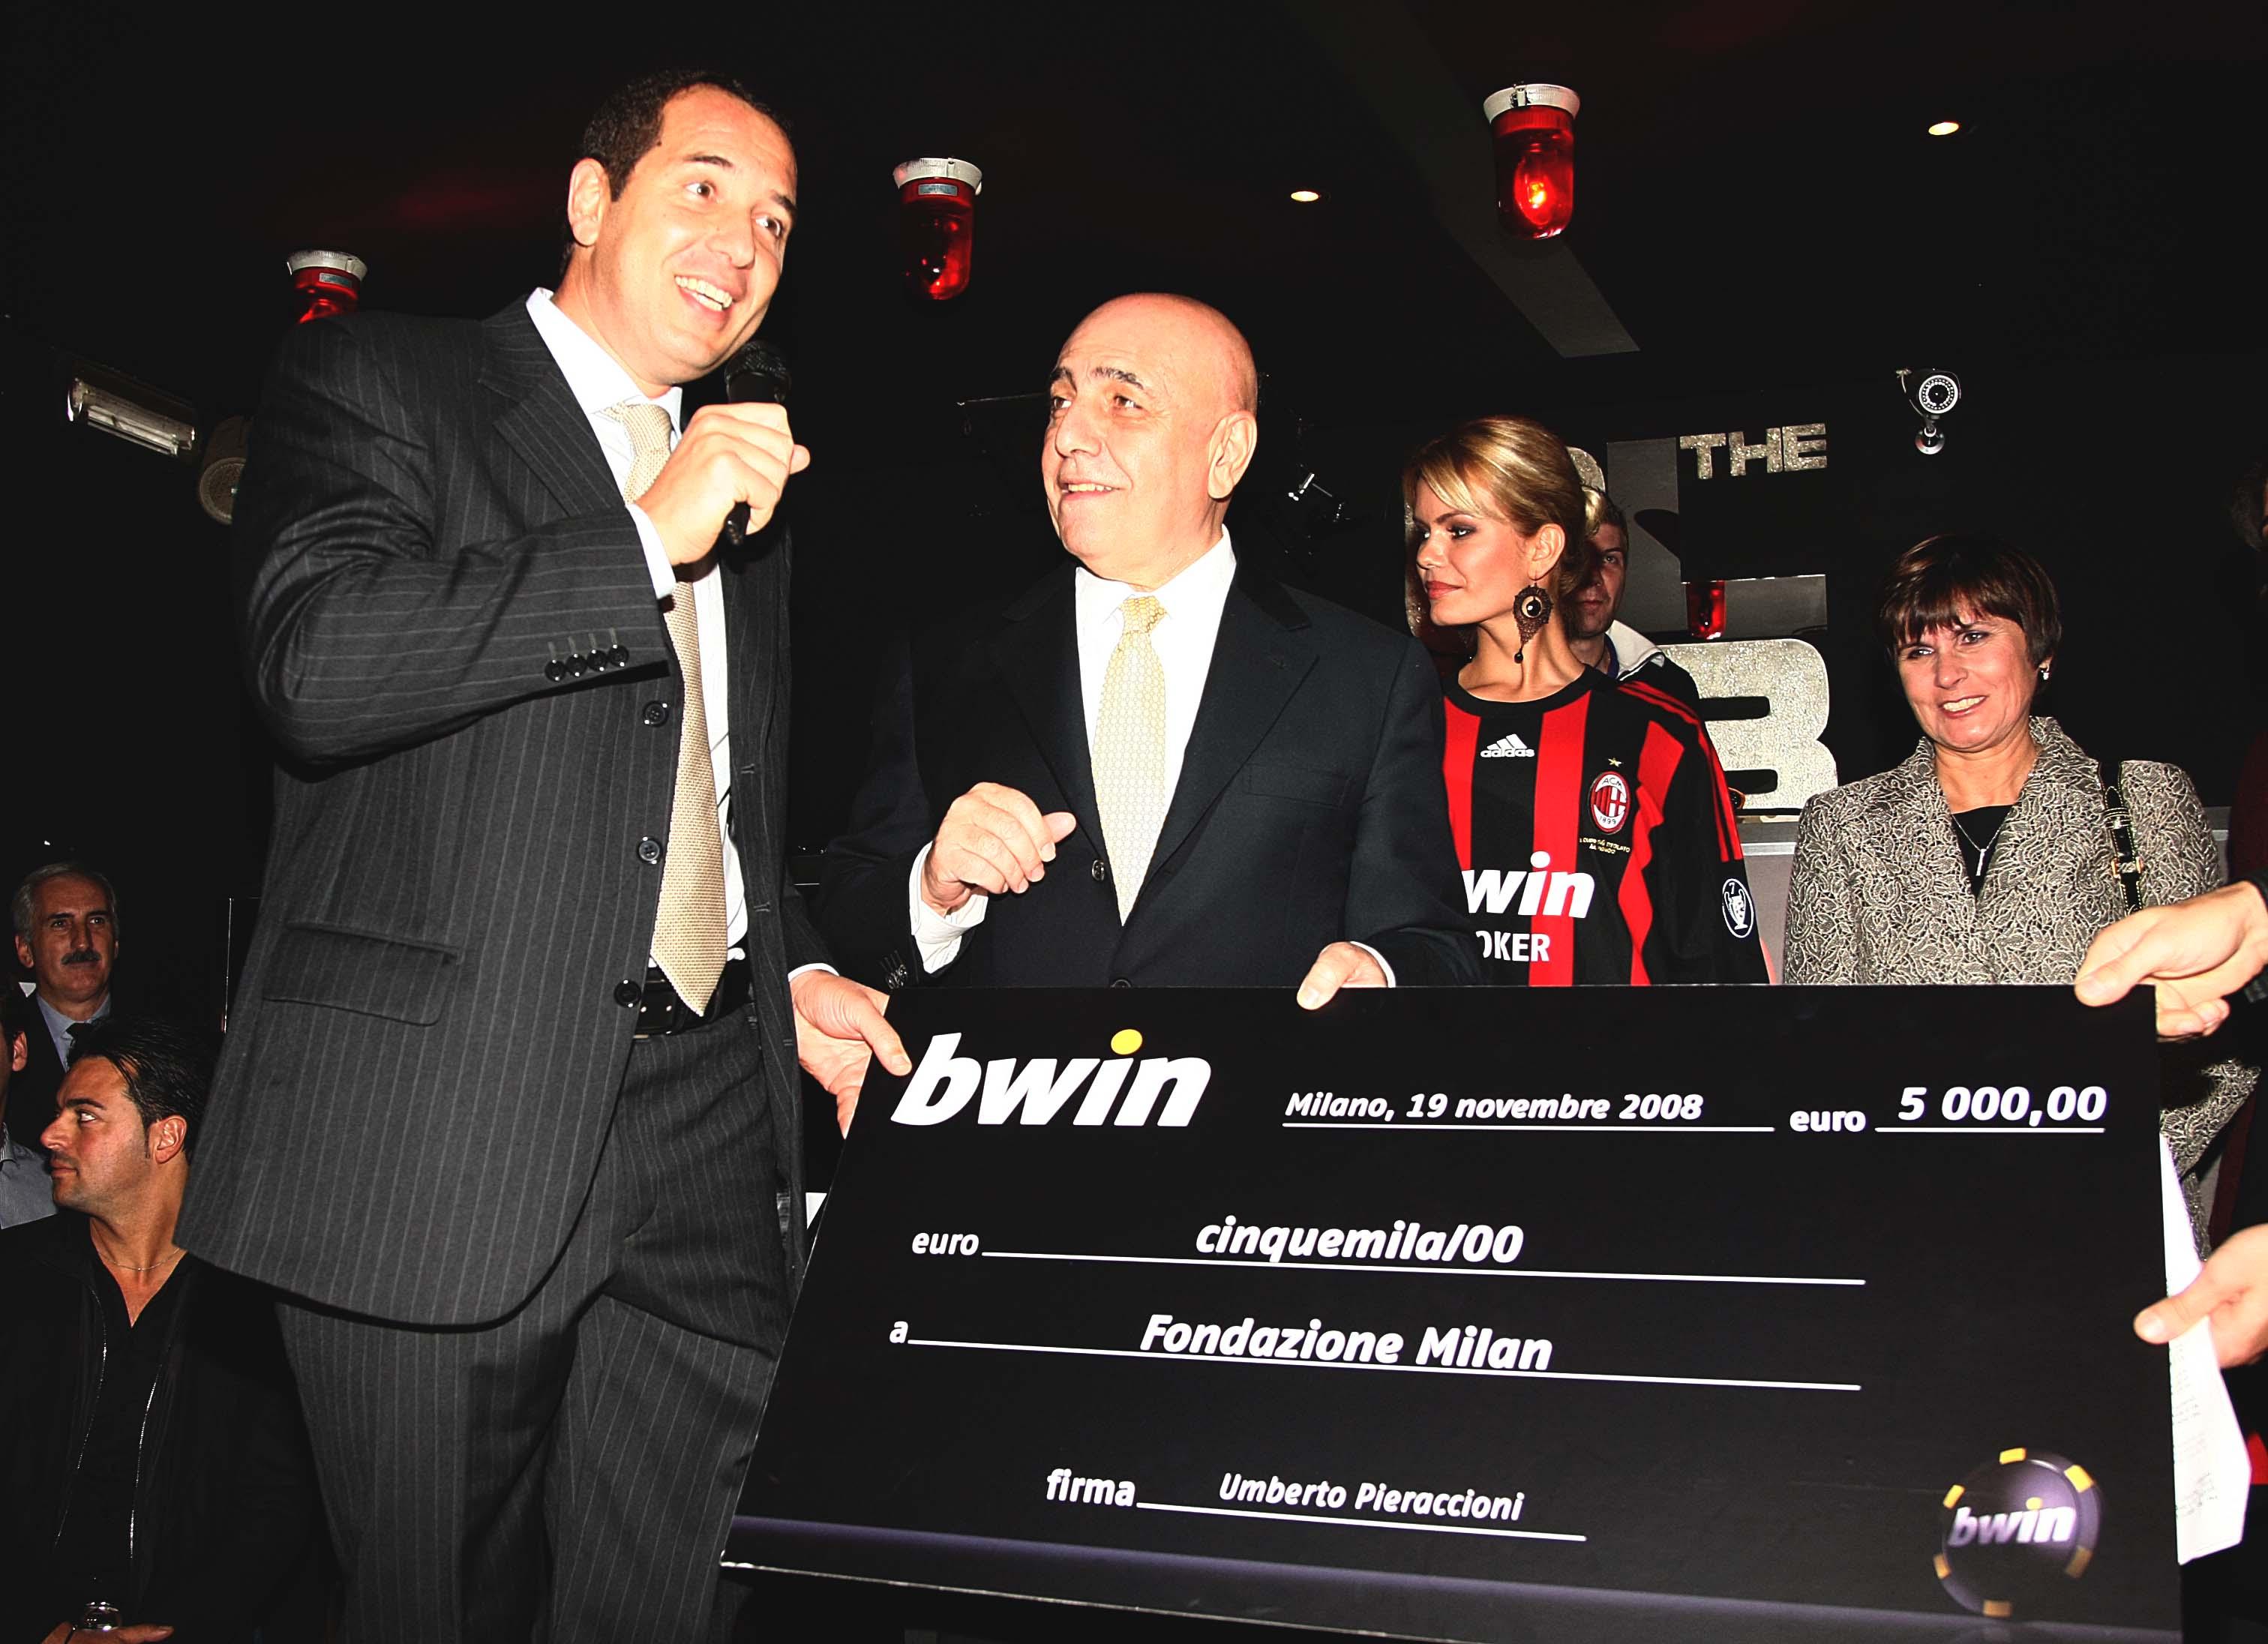 Milan e bwin in festa al the club per beneficenza for The club milan